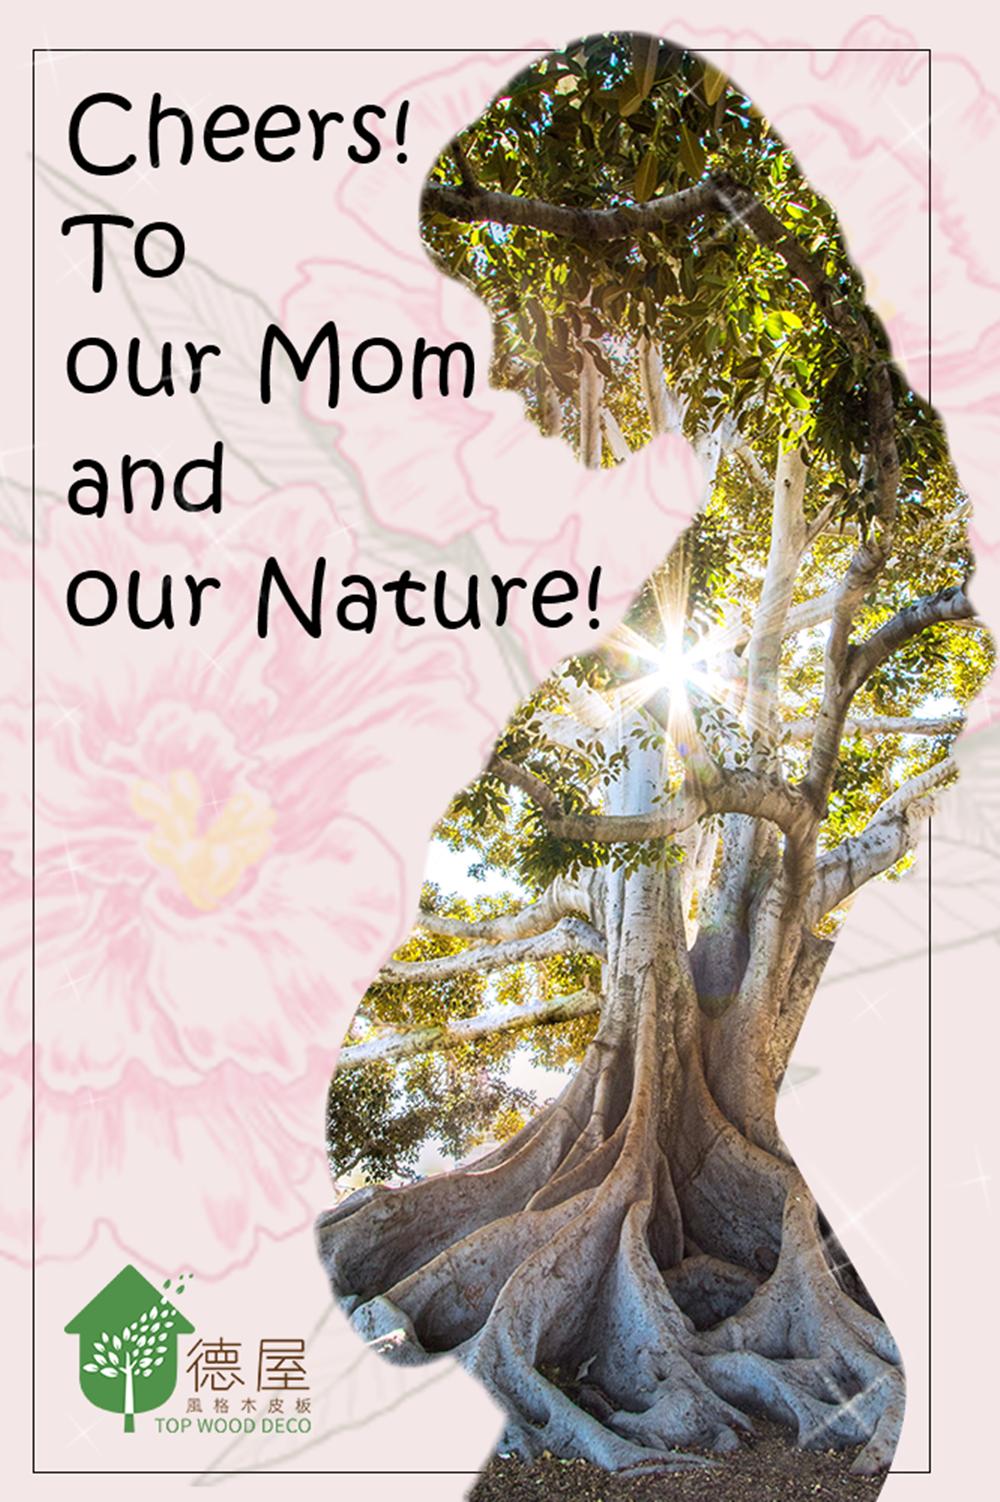 母親節,自然,裝潢,德屋建材,木頭,天然,木質建材